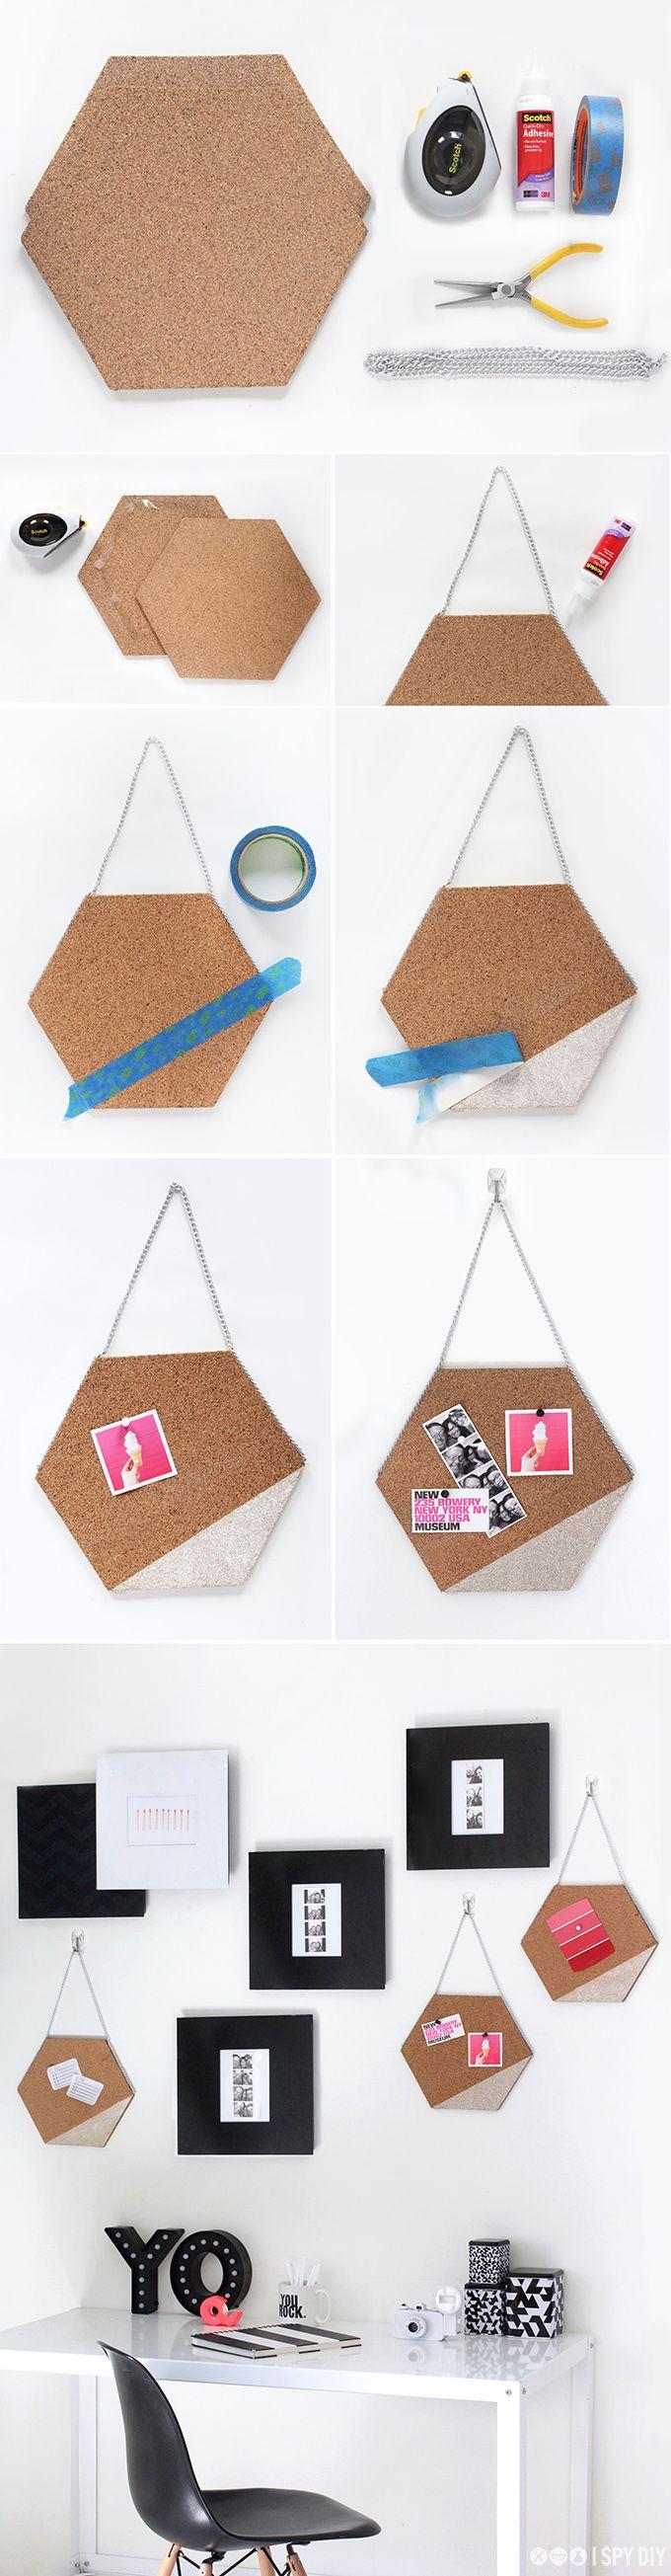 MY DIY | Hexagon Cork Memo Board | I SPY DIY